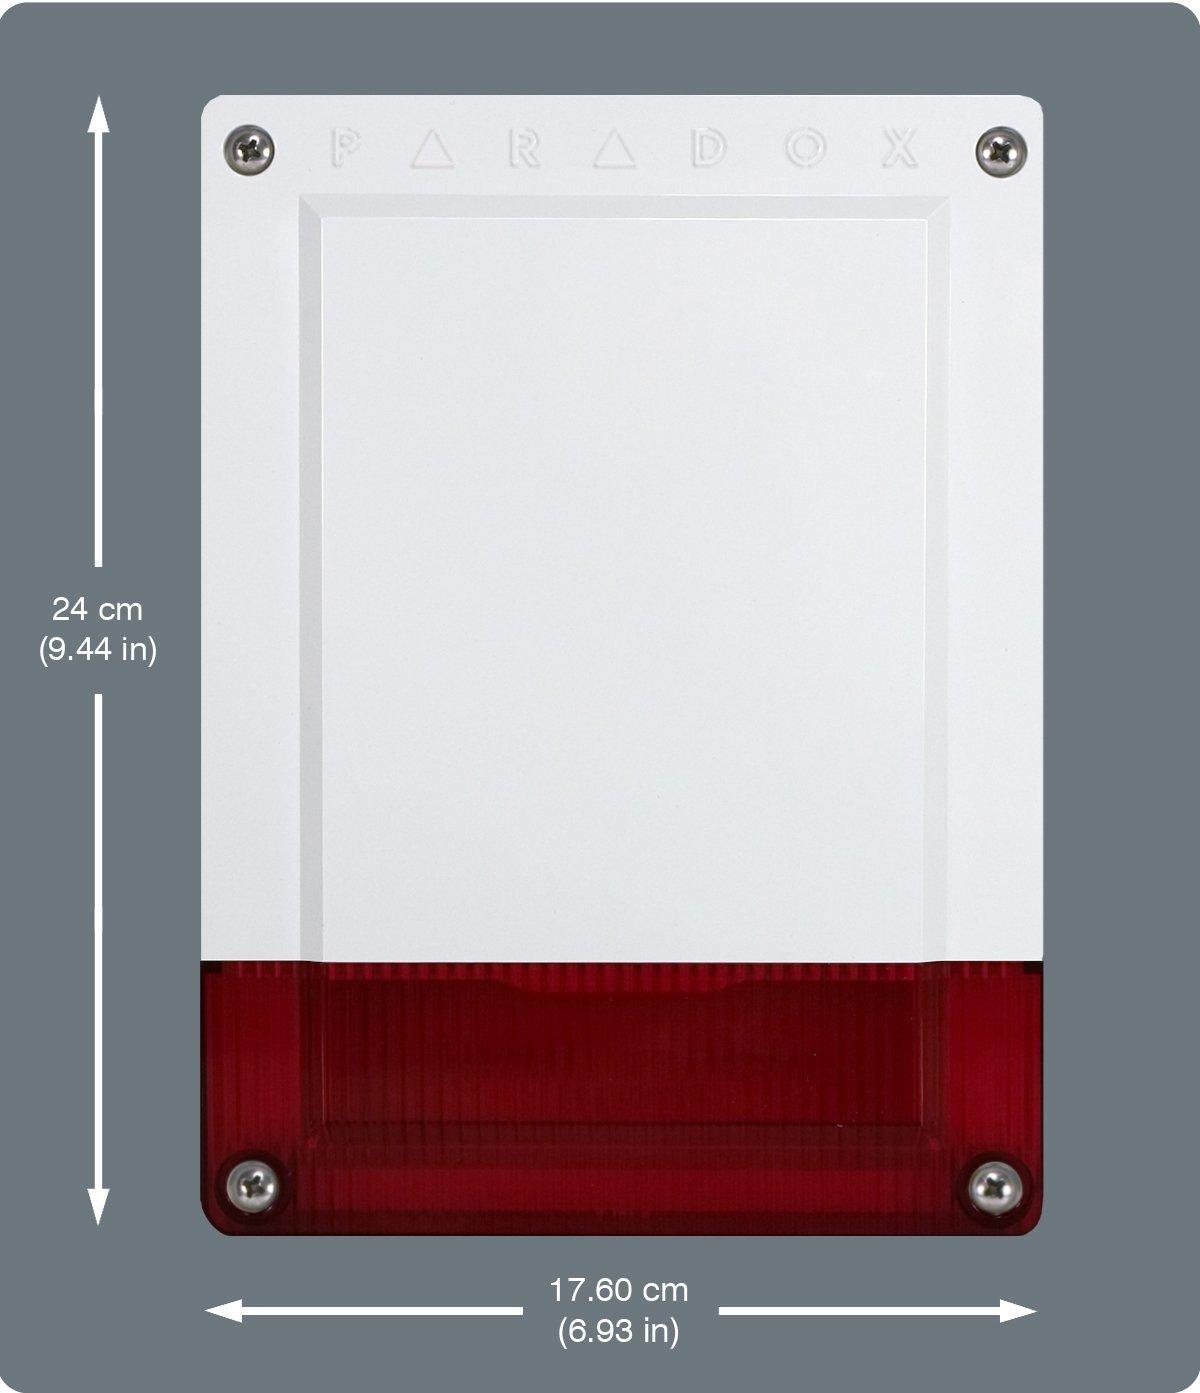 PXMXSR150 PARADOX alarma antirrobo SR150/86 sirena exterior ...